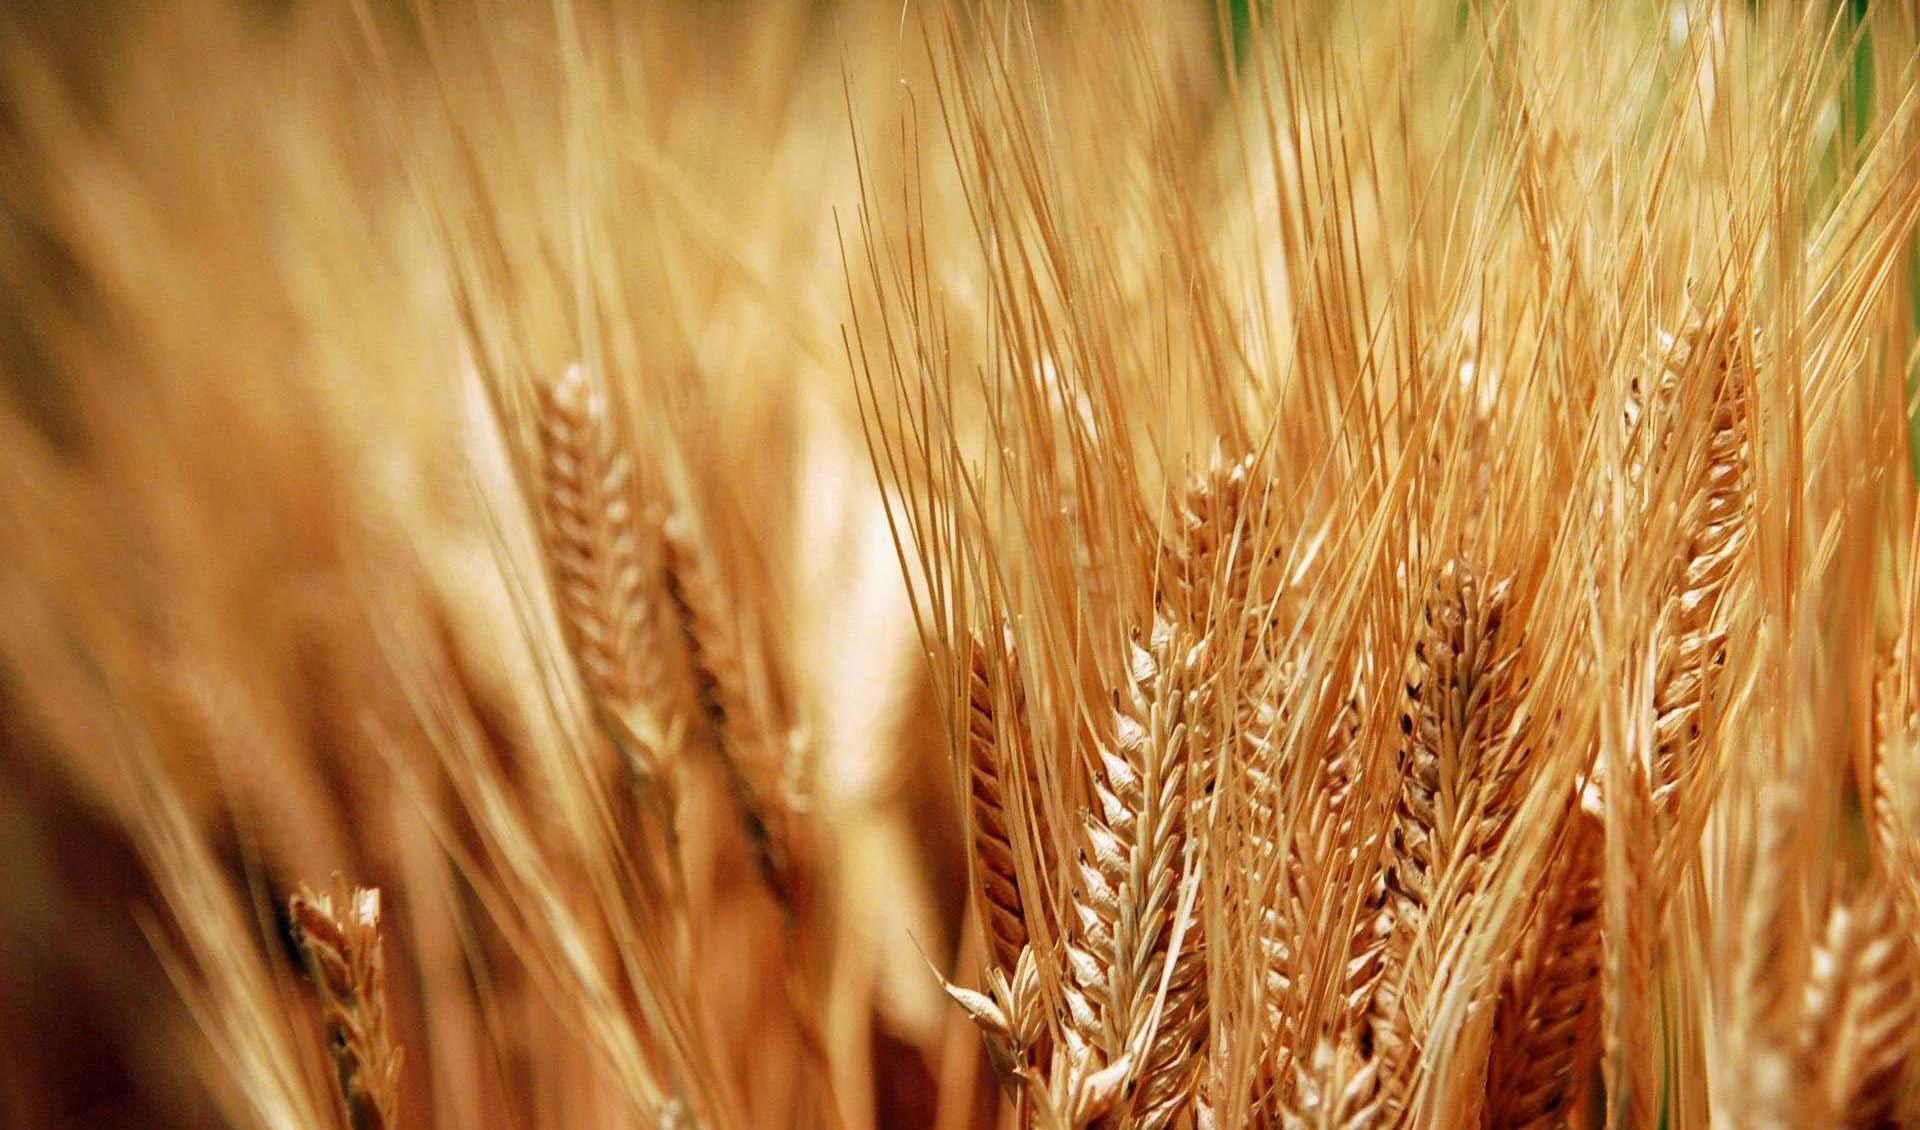 زمزمه واردات ۲ میلیون تن گندم/ خلف وعده مسئولان در خرید تضمینی پای دلالان به بازار گندم را باز کرد